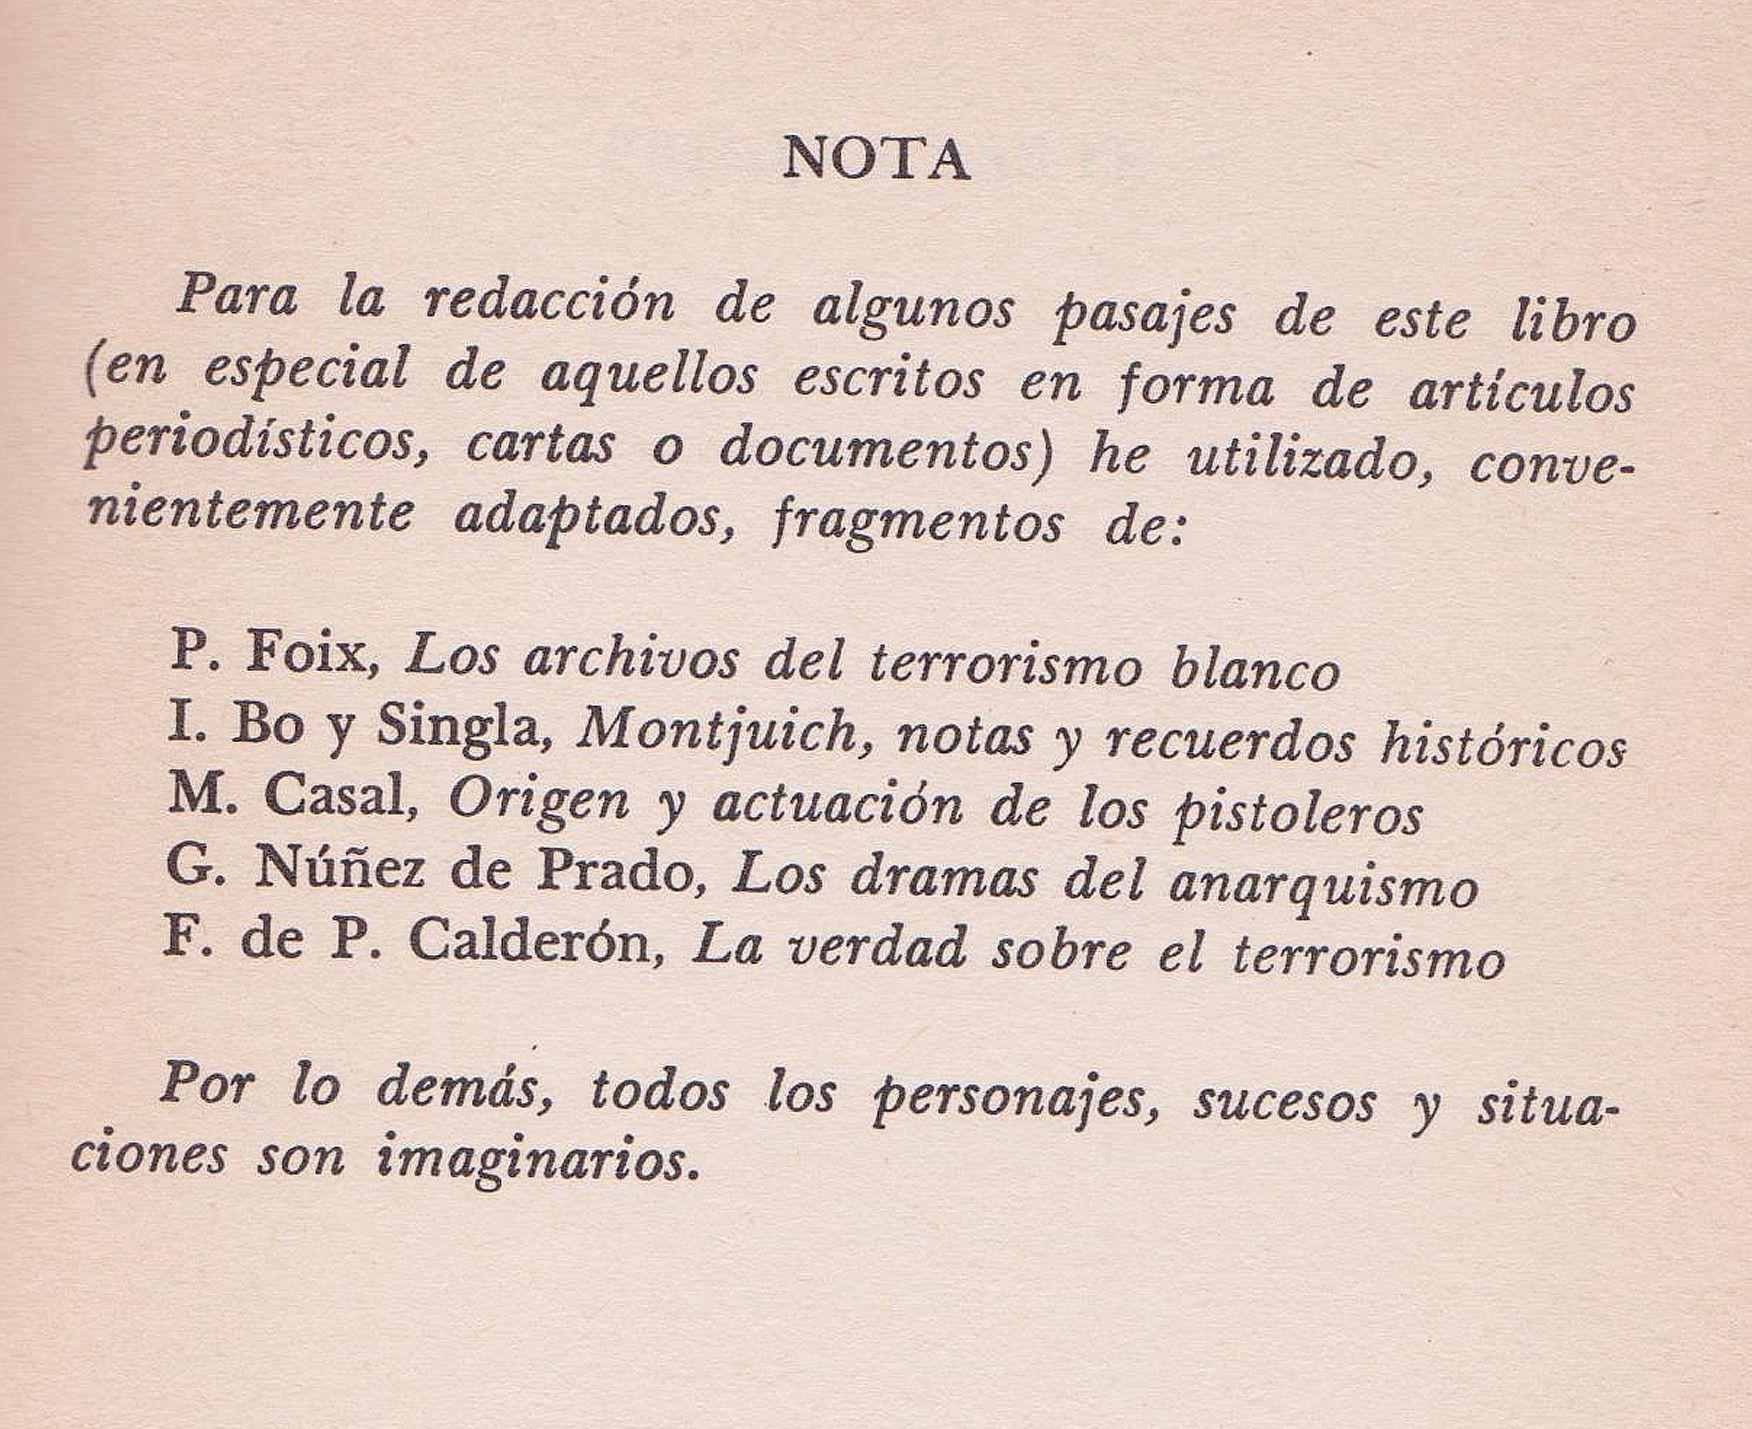 Página escaneada de la 1ª edición de La verdad sobre el caso Savolta